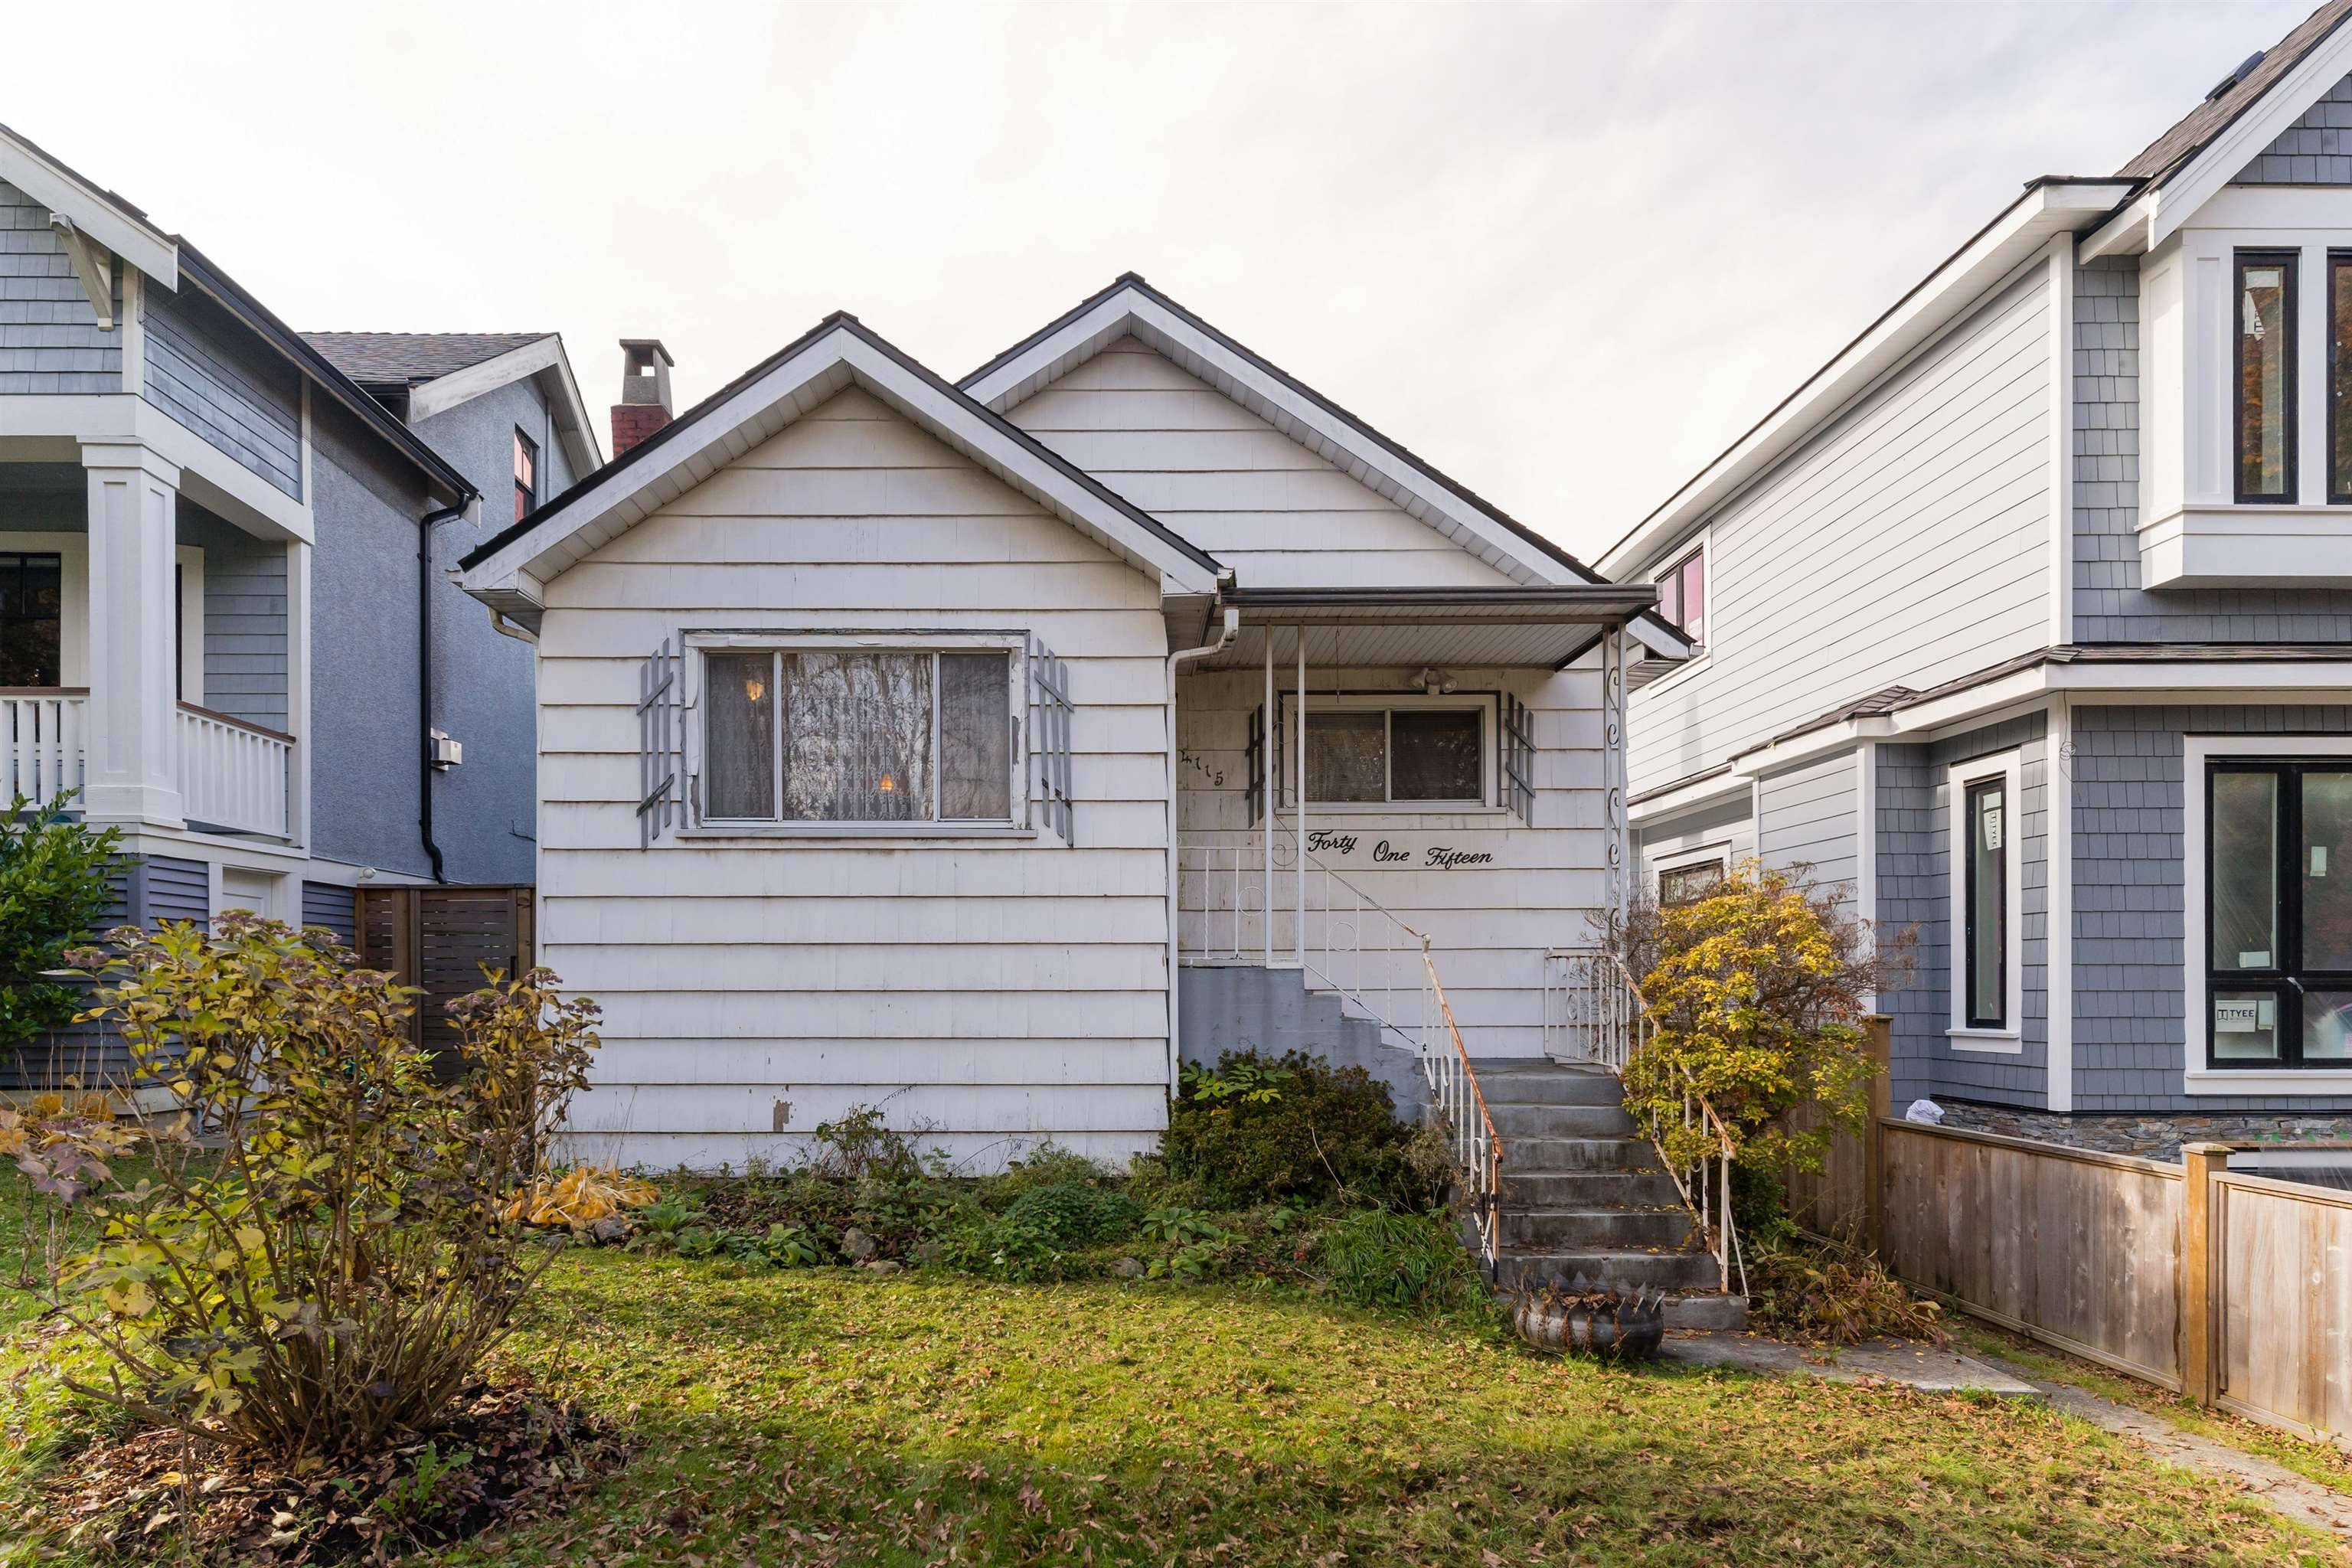 4115 ELGIN STREET - Fraser VE House/Single Family for sale, 2 Bedrooms (R2628405) - #1